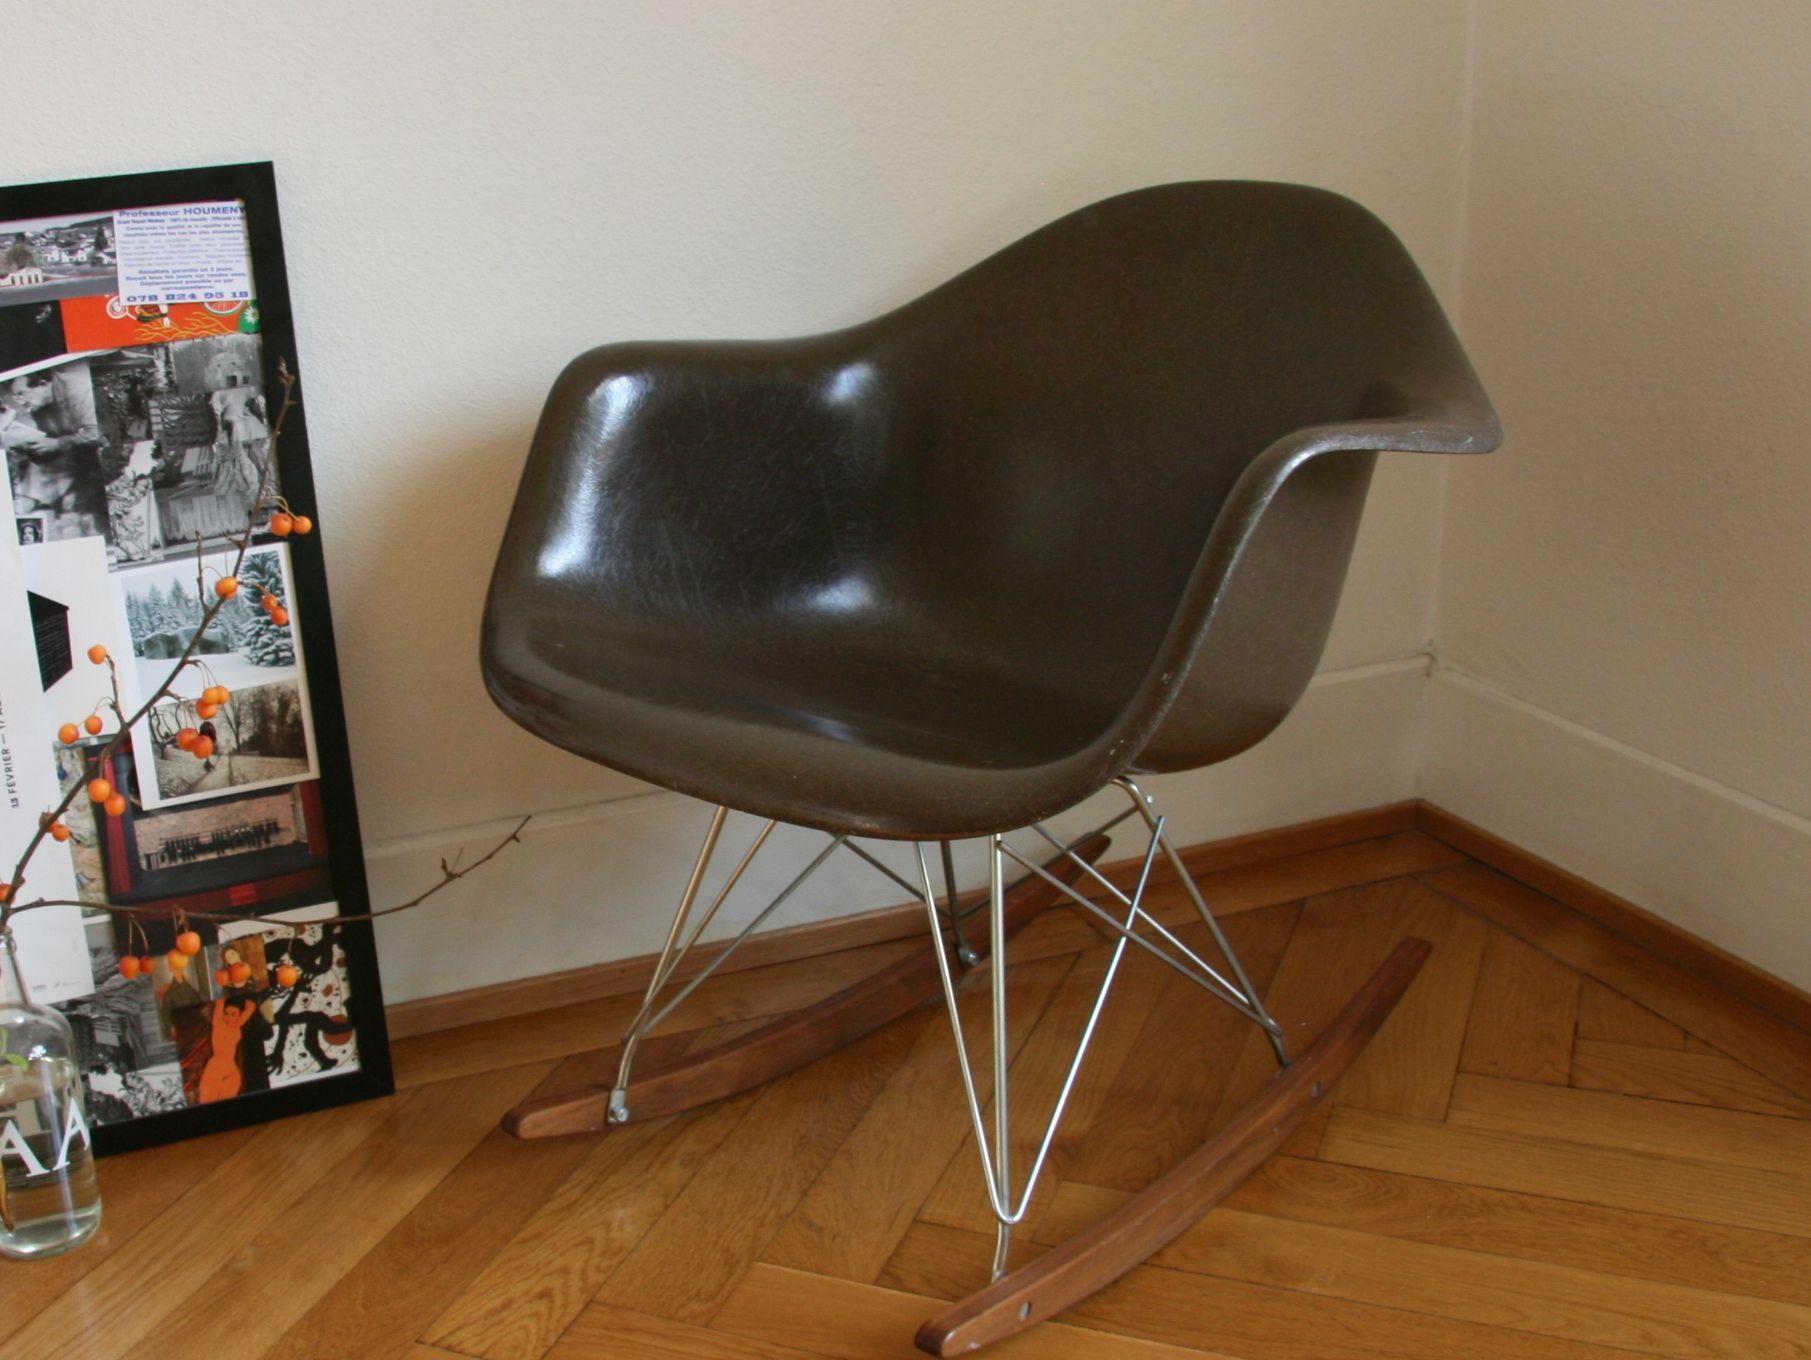 eames chocolate rocking chair, der Name sagt es schon. Die Farbe ist in tiefem braun, wie Schokolade:) www.freigeist-design.ch